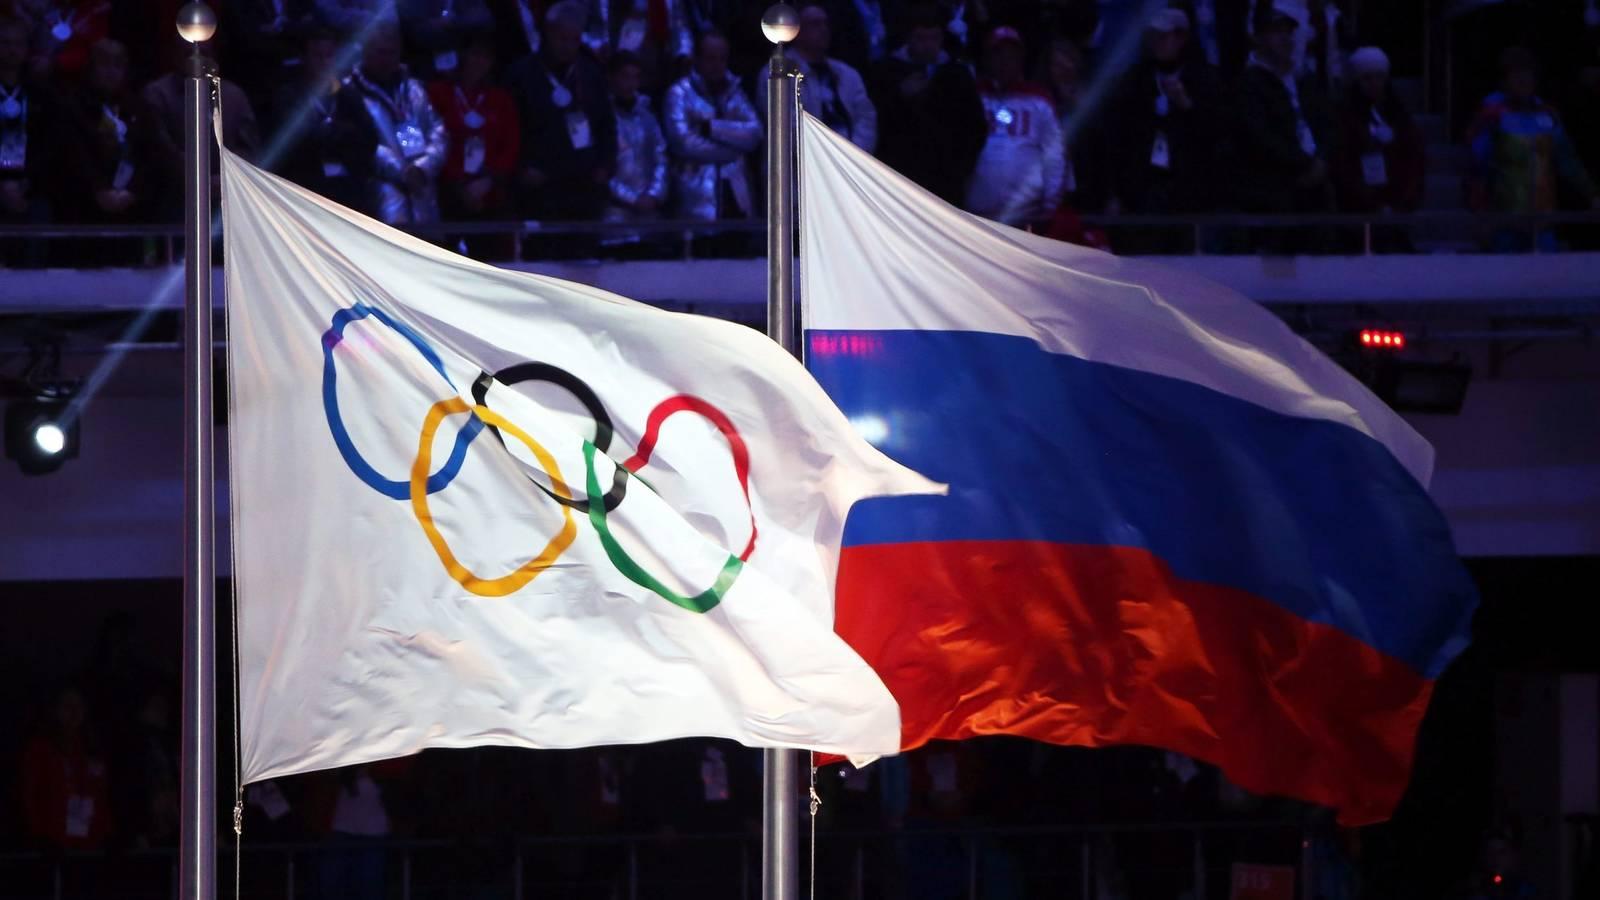 Atletas rusos compiten como OAR en Juegos Olímpicos de Invierno 2018